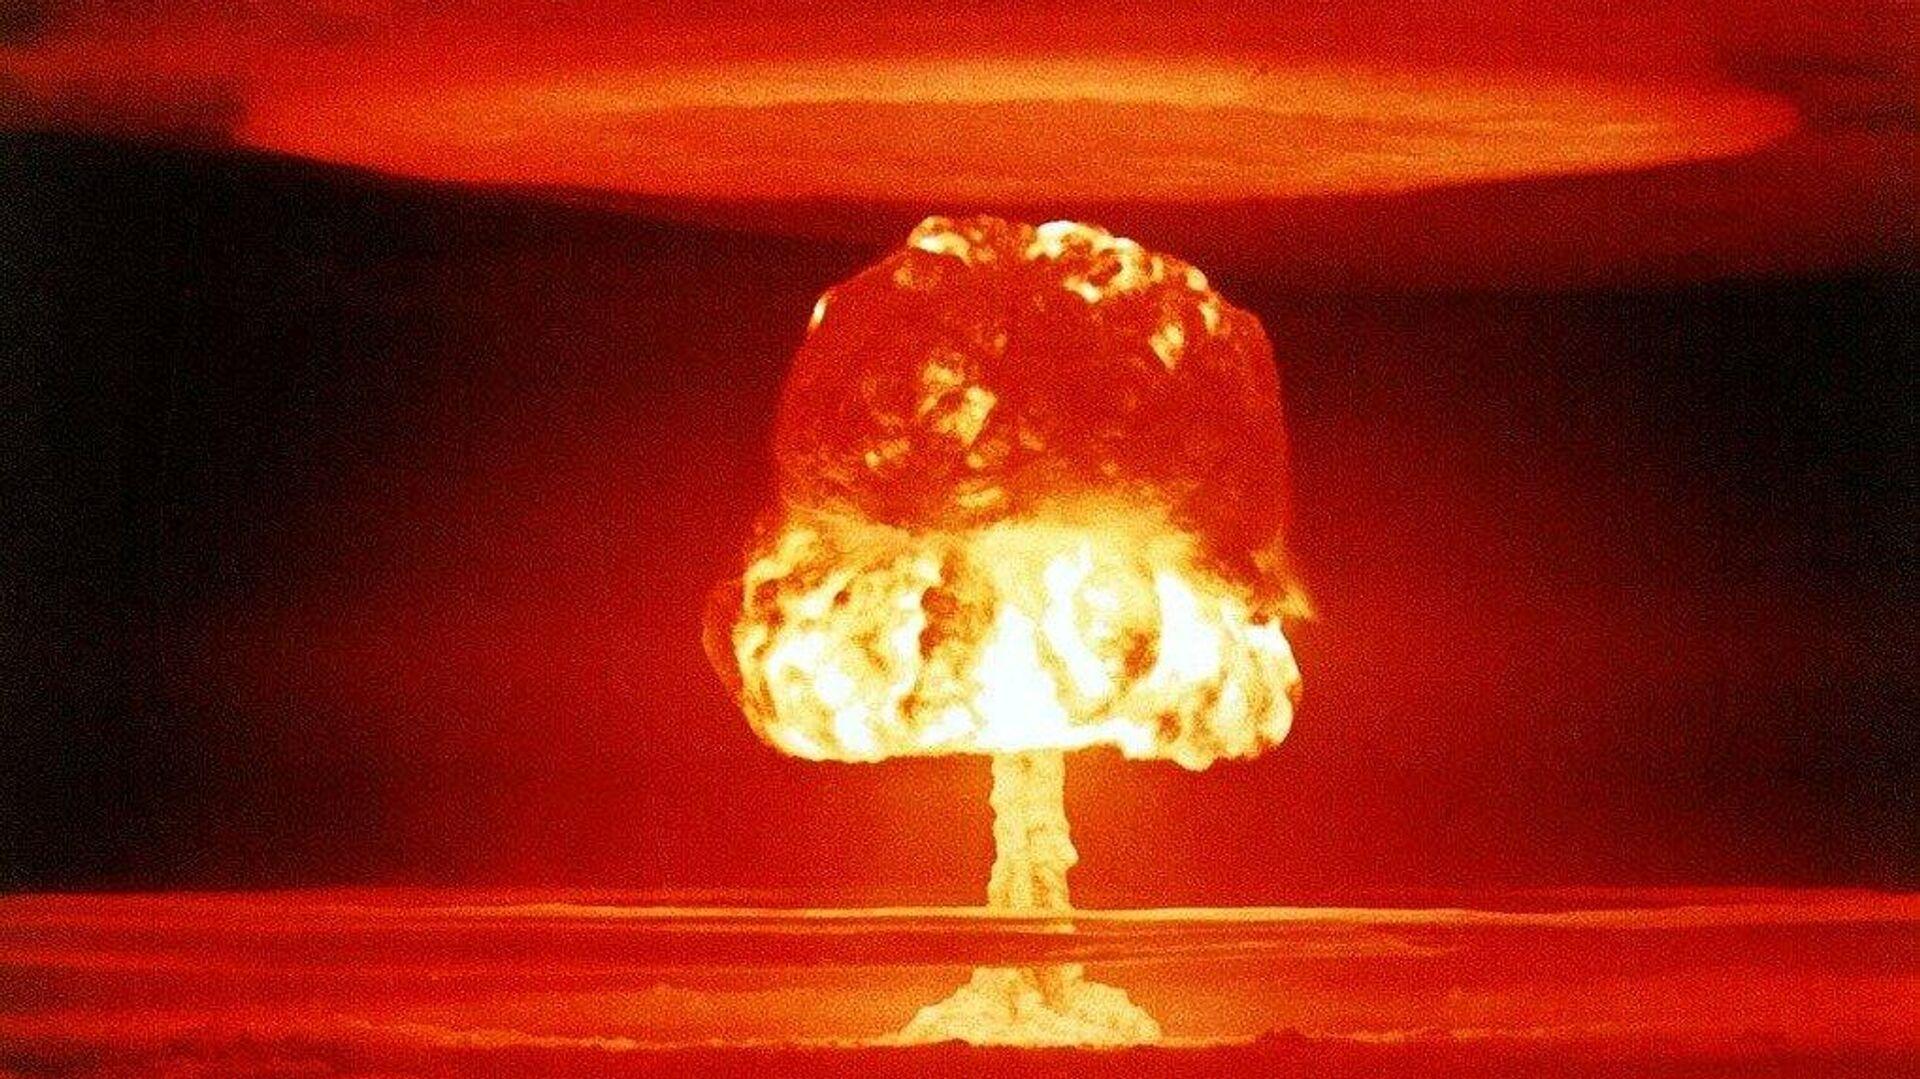 Ядерный взрыв, архивное фото - Sputnik Таджикистан, 1920, 12.10.2021